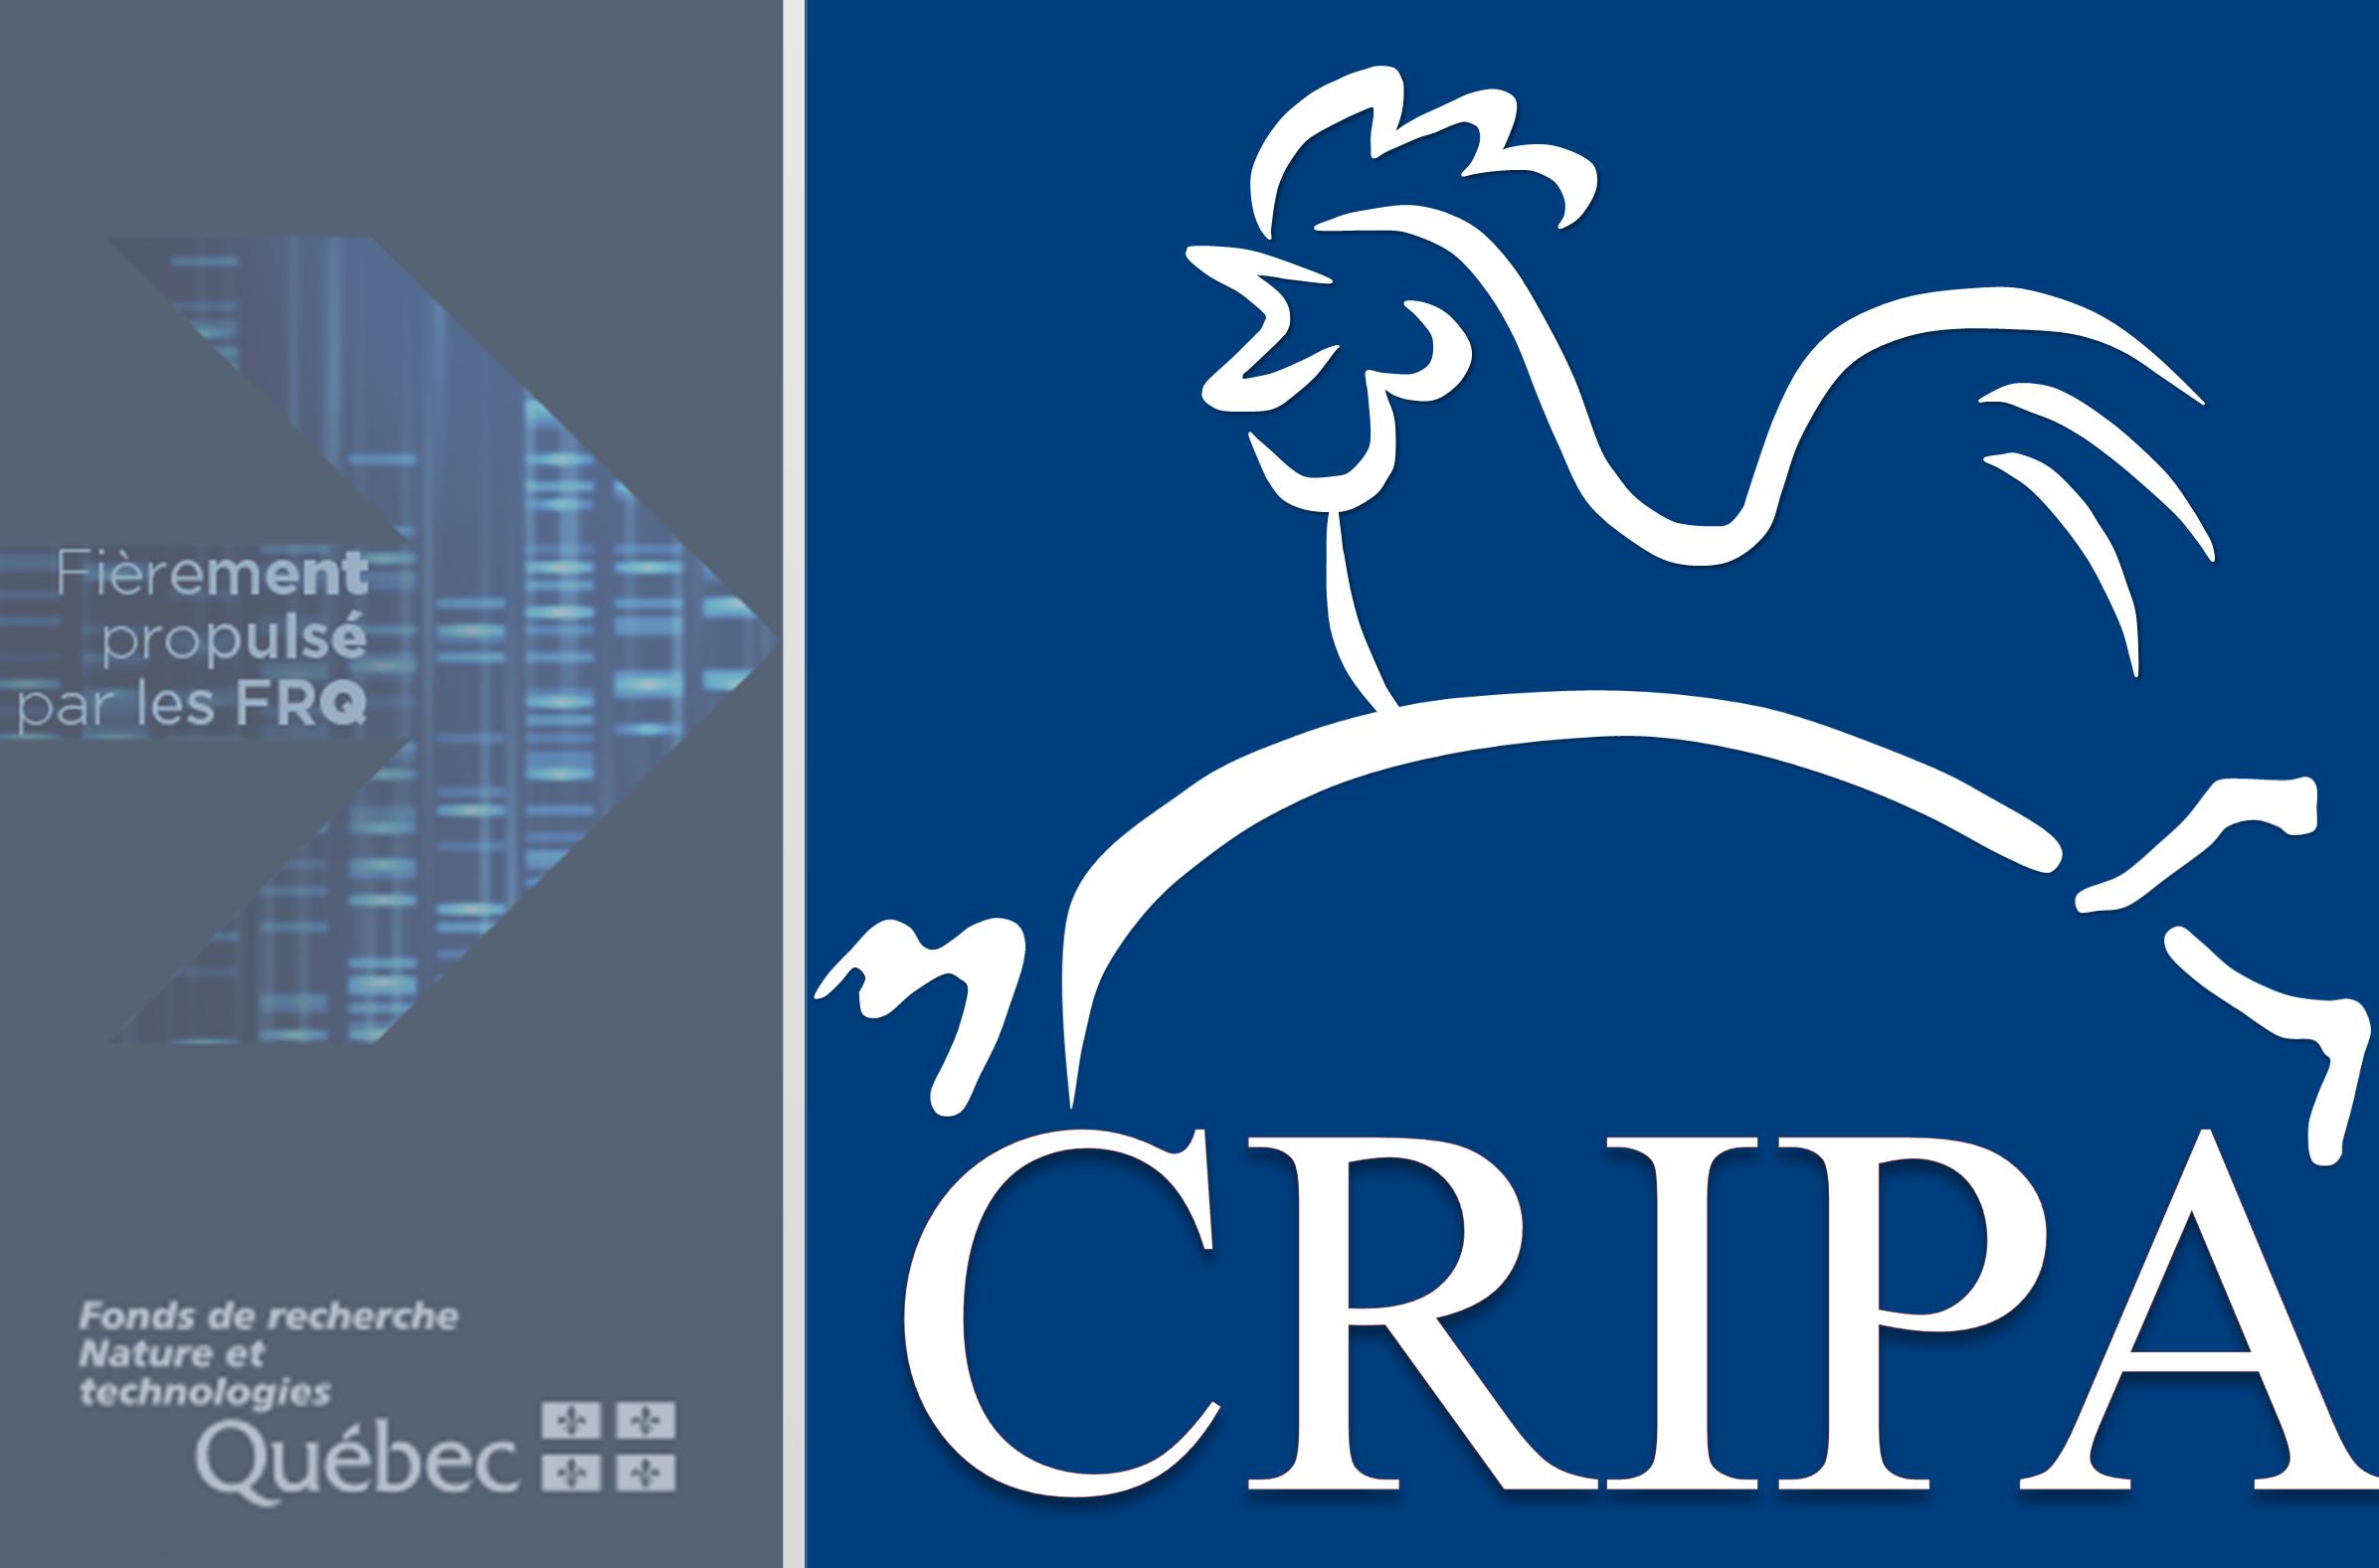 Le CRIPA, c'est mélanger les talents des secteurs académique, privé et gouvernemental du Québec pour innover et améliorer la santé porcine et avicole.